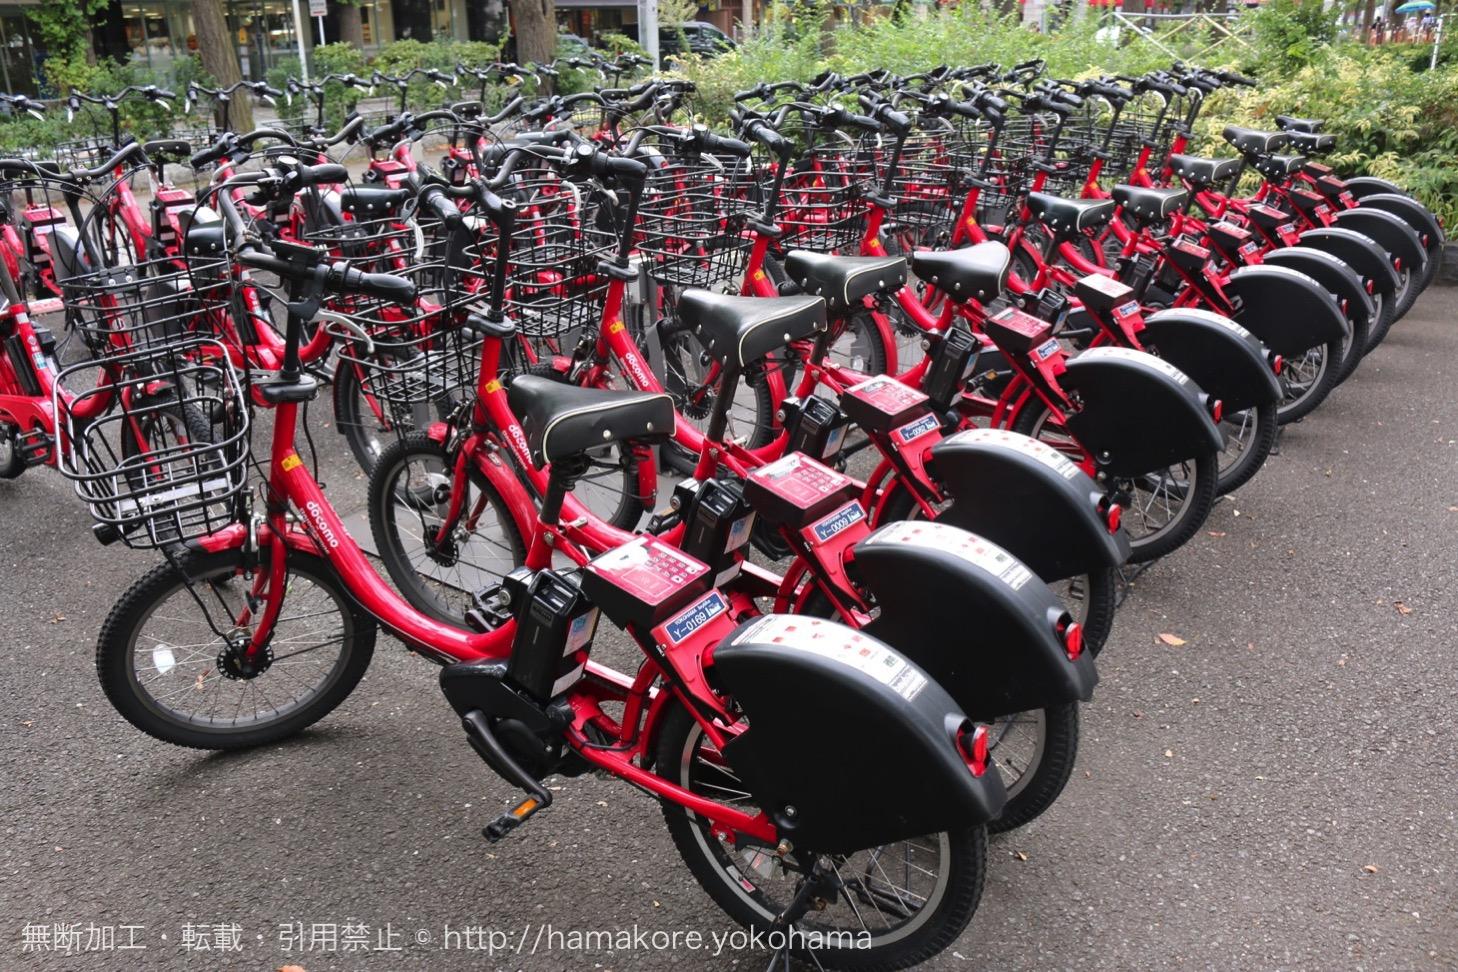 横浜みなとみらい観光にオススメのレンタル自転車「ベイバイク」は1日乗り放題で返却場所自由